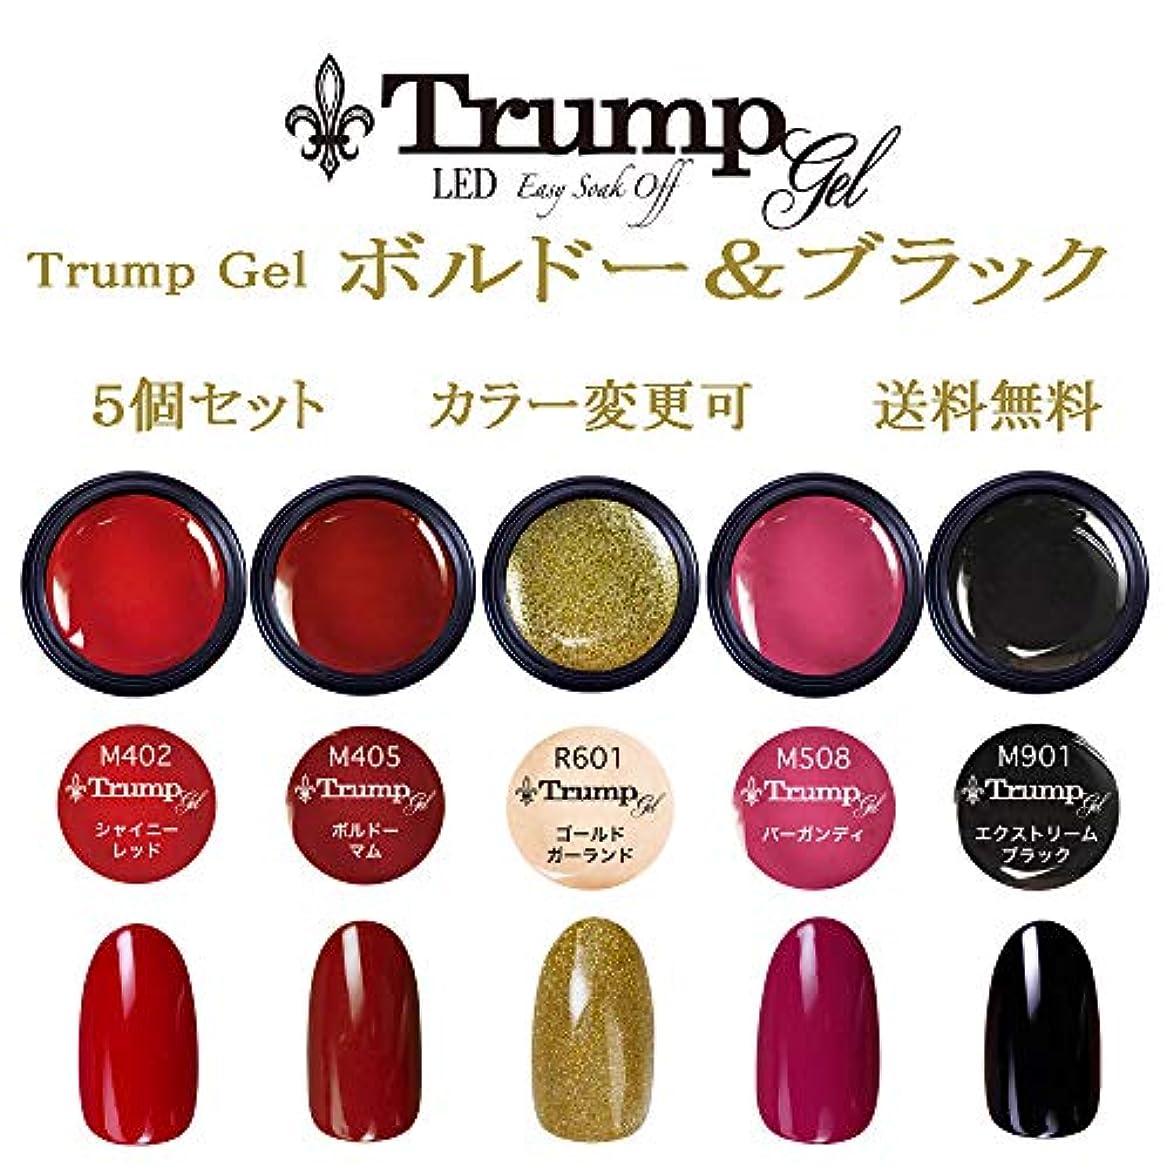 イブニング明るい恥ずかしい日本製 Trump gel トランプジェル ボルドー & ブラック ネイル 選べる カラージェル 5個セット ワイン ボルドー ゴールド パープル ブラック